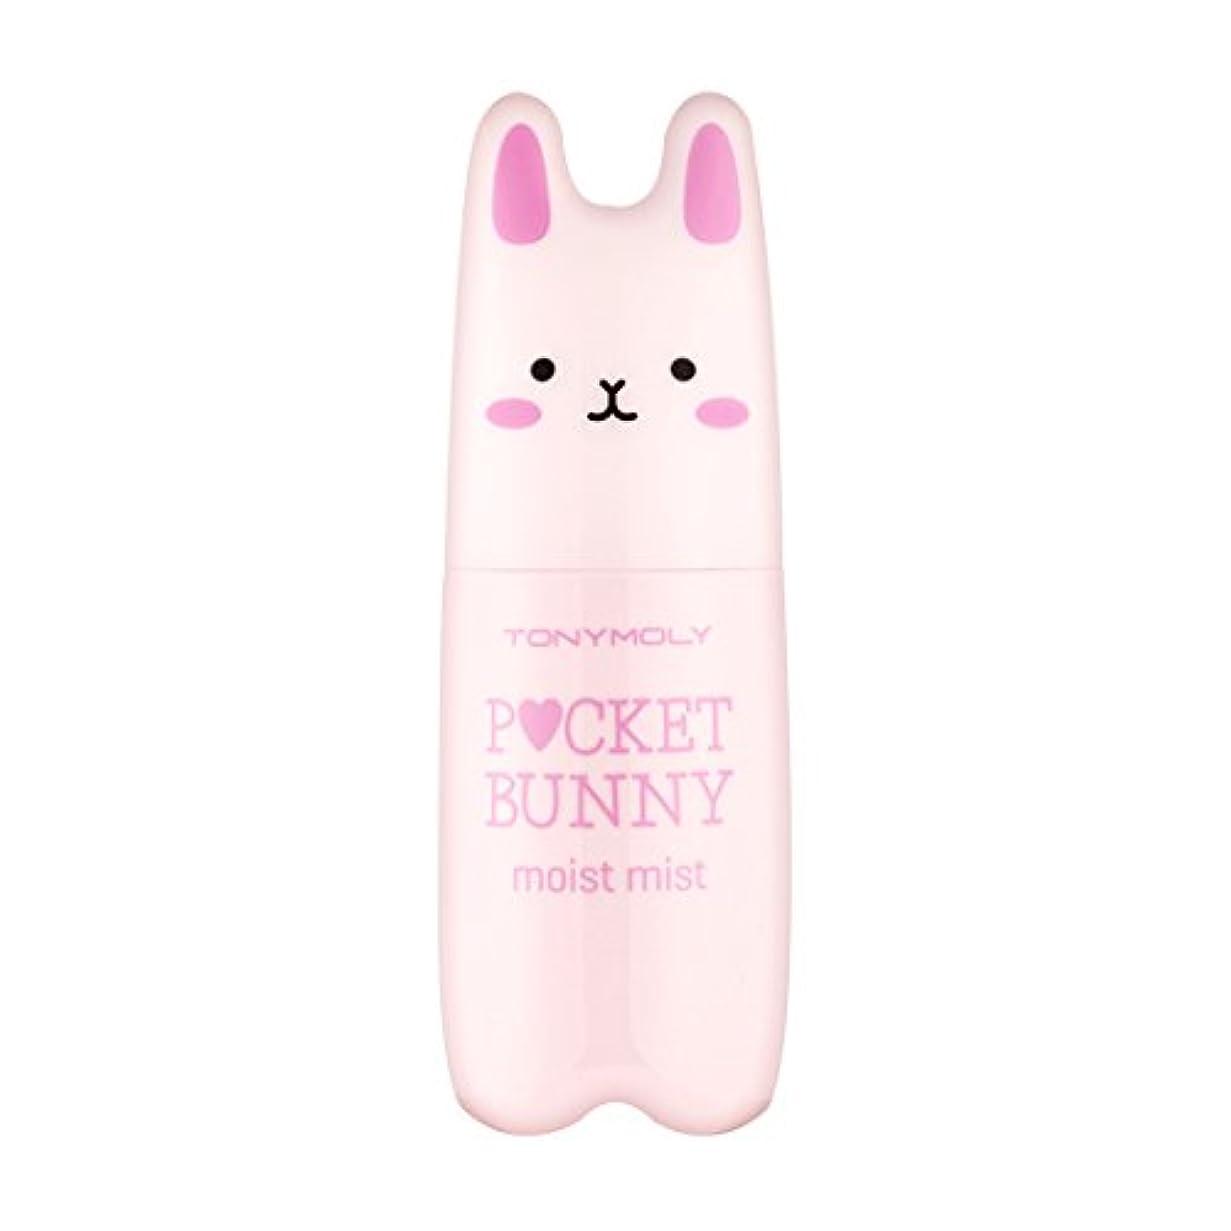 重要指紋面倒TONYMOLY(トニーモリー) Poket Bunny Mist ポケット バニー ミスト しっとりミスト [並行輸入品]